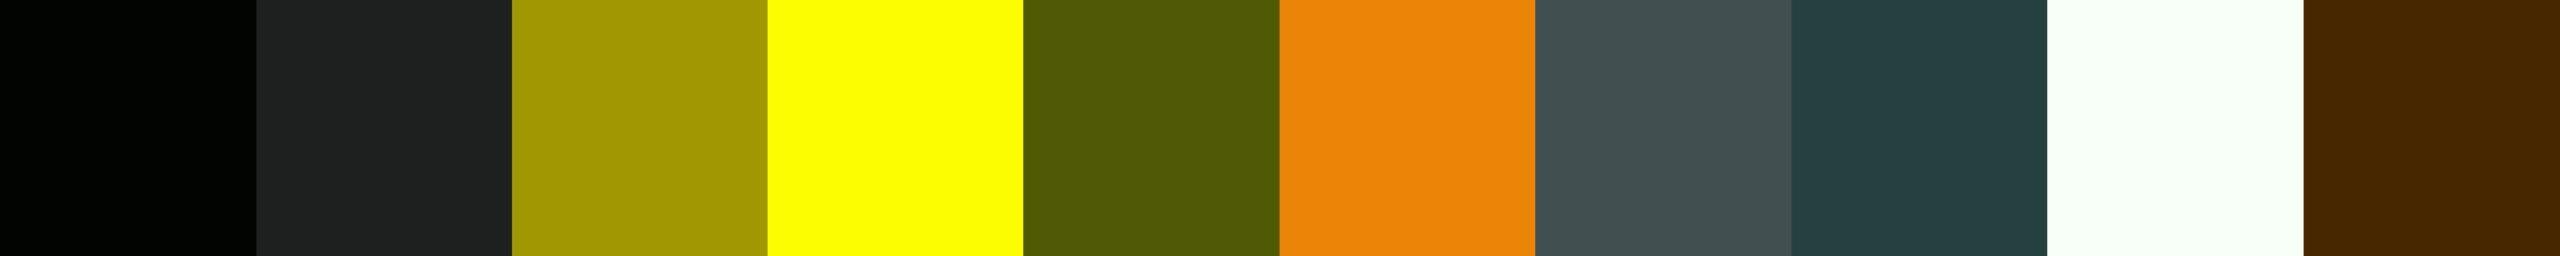 132 Dasilia Color Palette